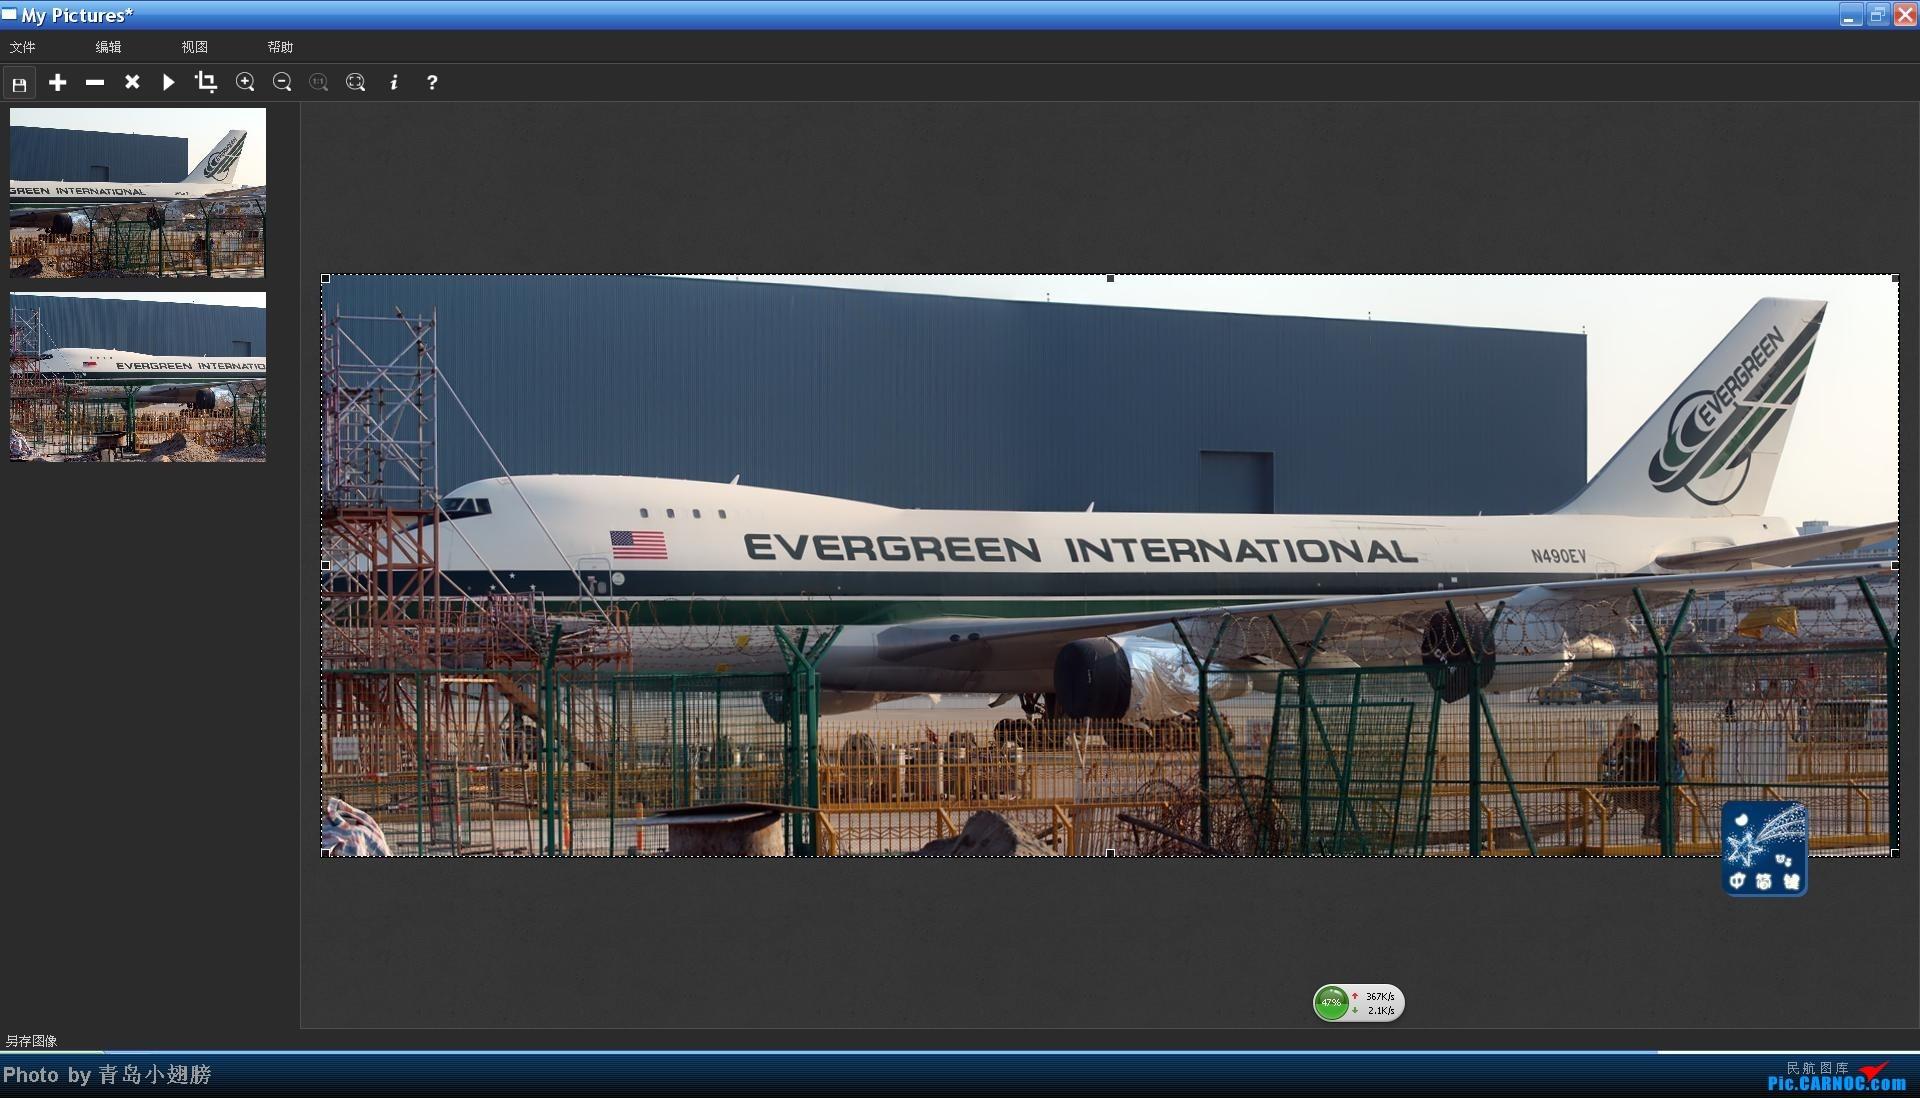 """Re:[原创]【青岛飞友会】厦门机场DAY2之""""裸体机""""和拼图神器 BOEING 747-200 N490EV 中国厦门高崎机场"""